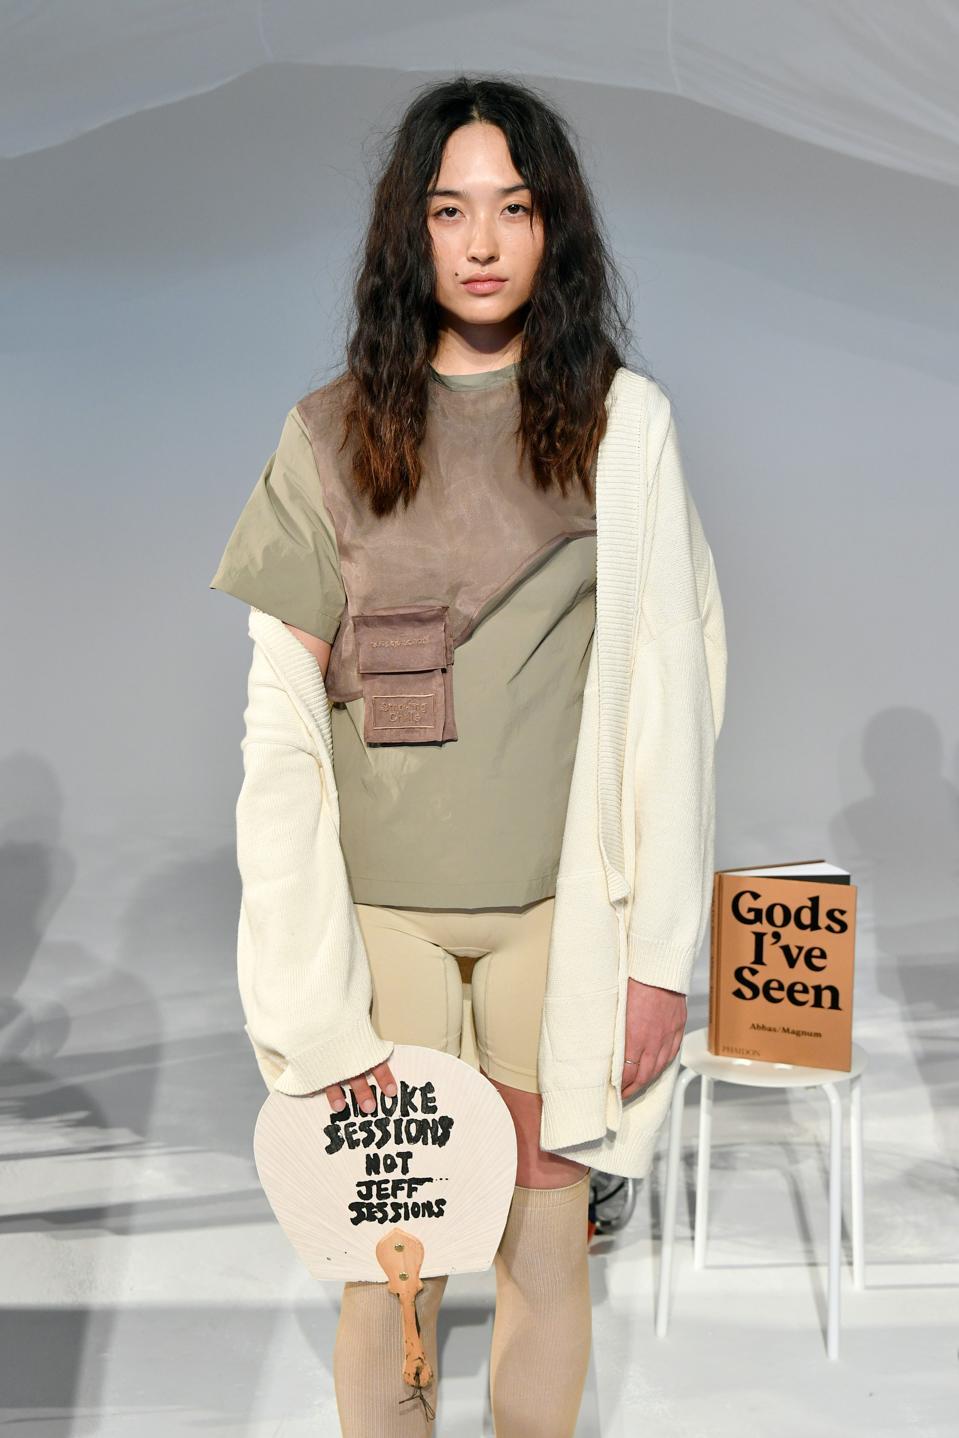 Sundae School, New York Fashion Week, luxury cannabis